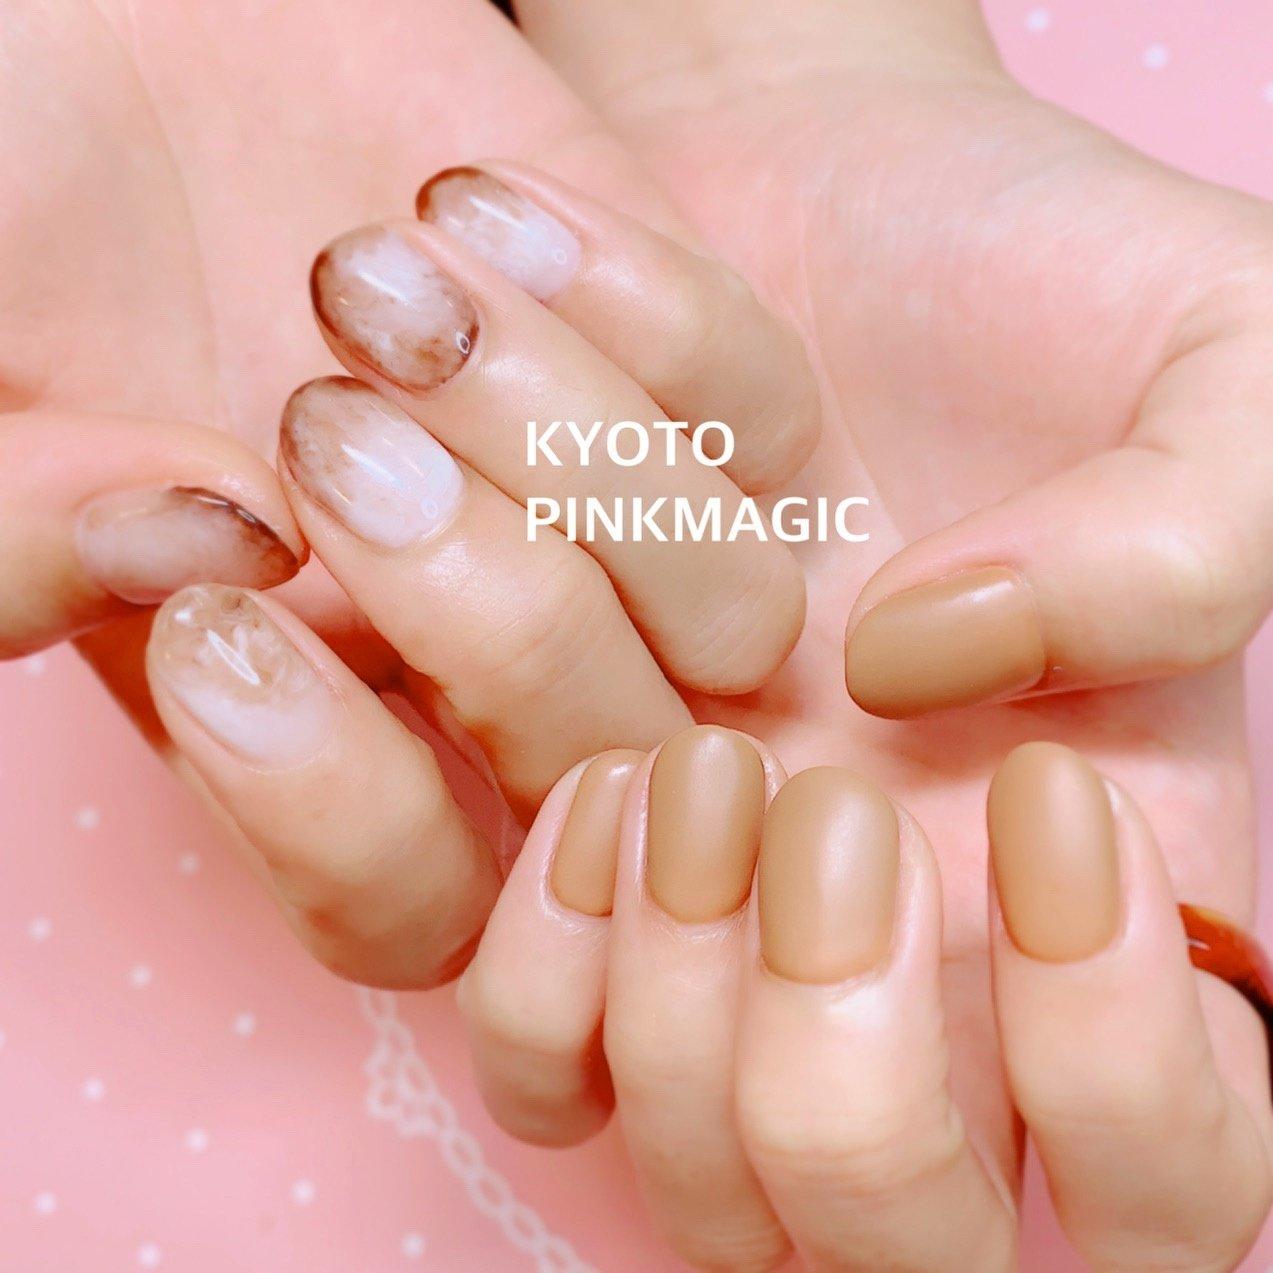 #ピンクマジック は京都市右京区西院のネイルサロンです。  #ハンドネイル #おしゃれネイル #西院ネイルサロン #秋ネイル #シンプルネイル#冬ネイル #ハンド #ワンカラー #ショート #ホワイト #ベージュ #ブラウン #ジェル #お客様 #Pinkmagic♡miki #ネイルブック